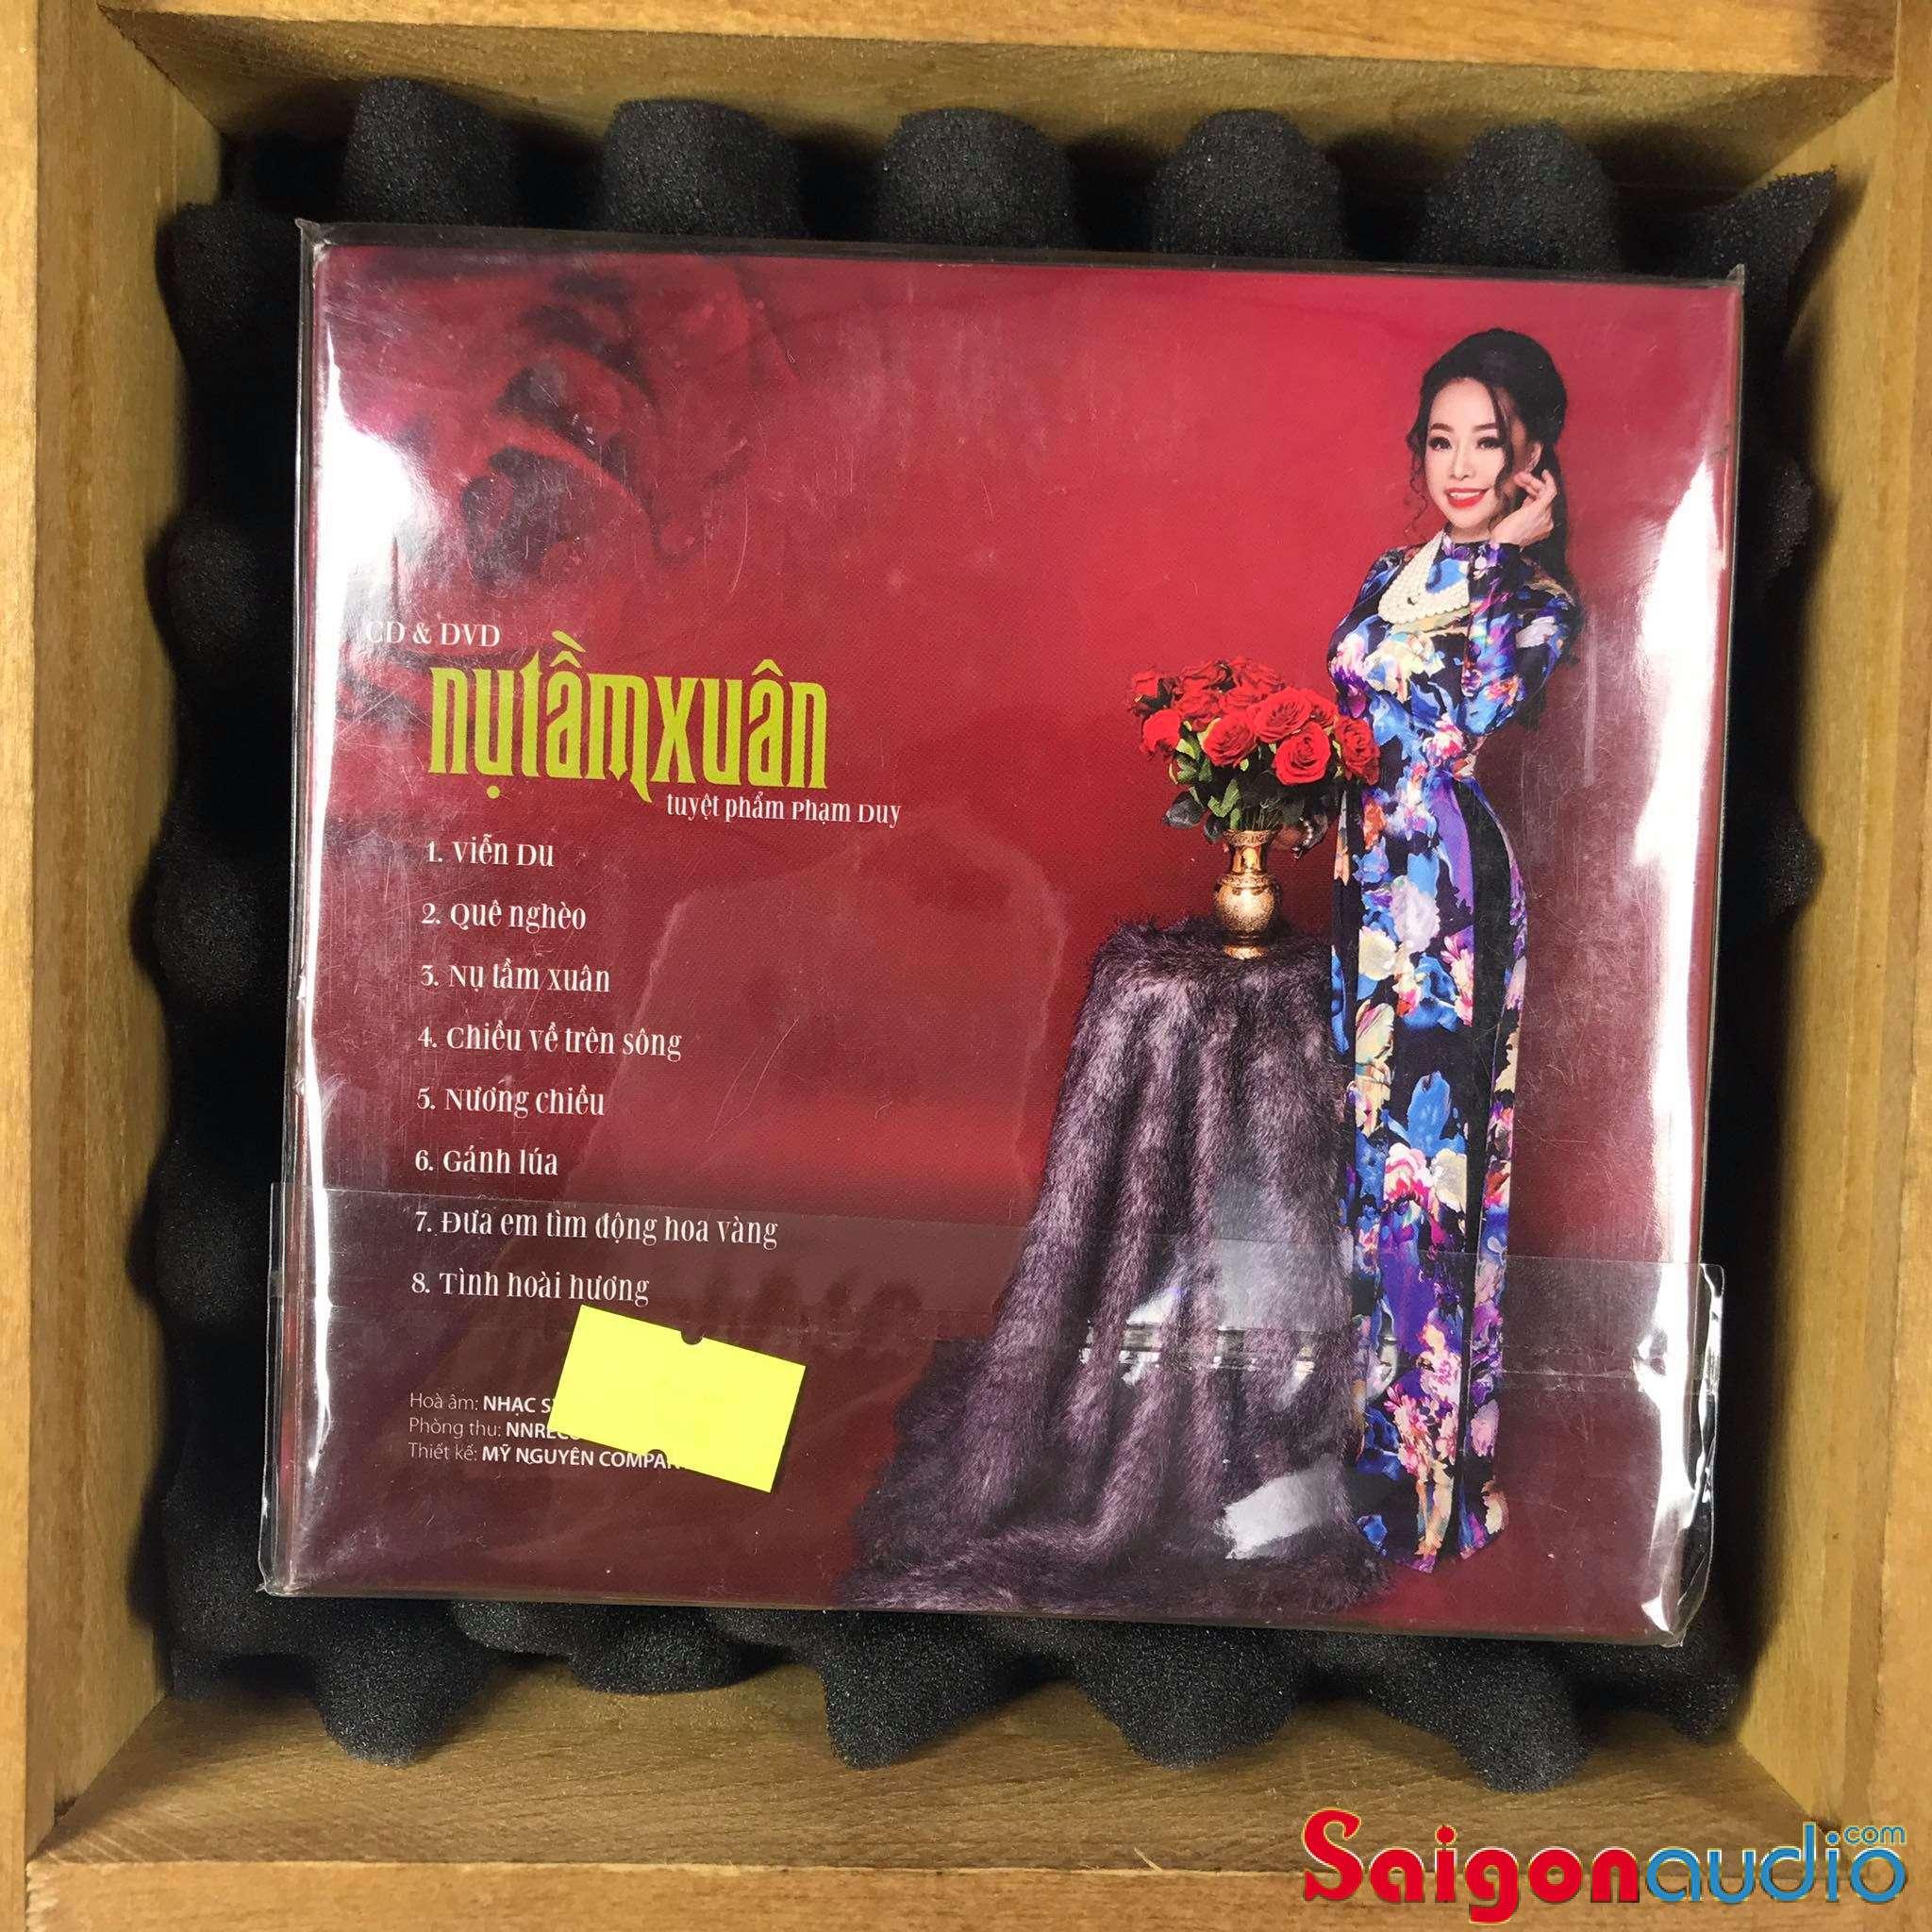 Đĩa CD gốc Thụy Vân - Nụ Tầm Xuân (Tuyệt Phẩm Phạm Duy) (Free ship khi mua 2 đĩa CD cùng hoặc khác loại)